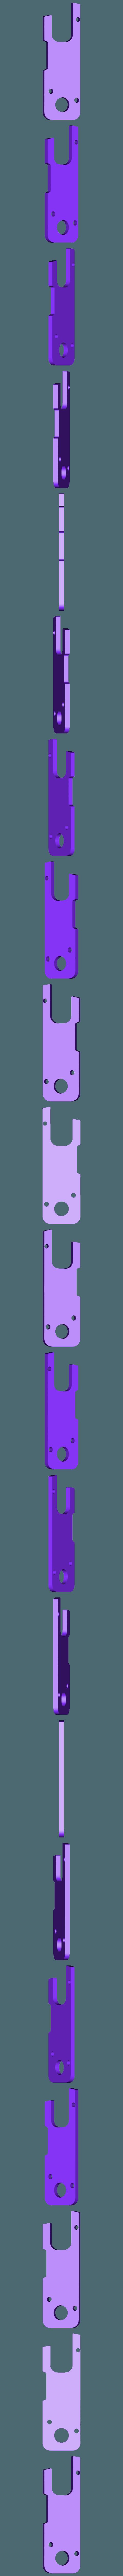 FLAT_BOX_CUTTER_PART_B3.stl Download free STL file Flat Box Cutter • 3D printable model, MuSSy